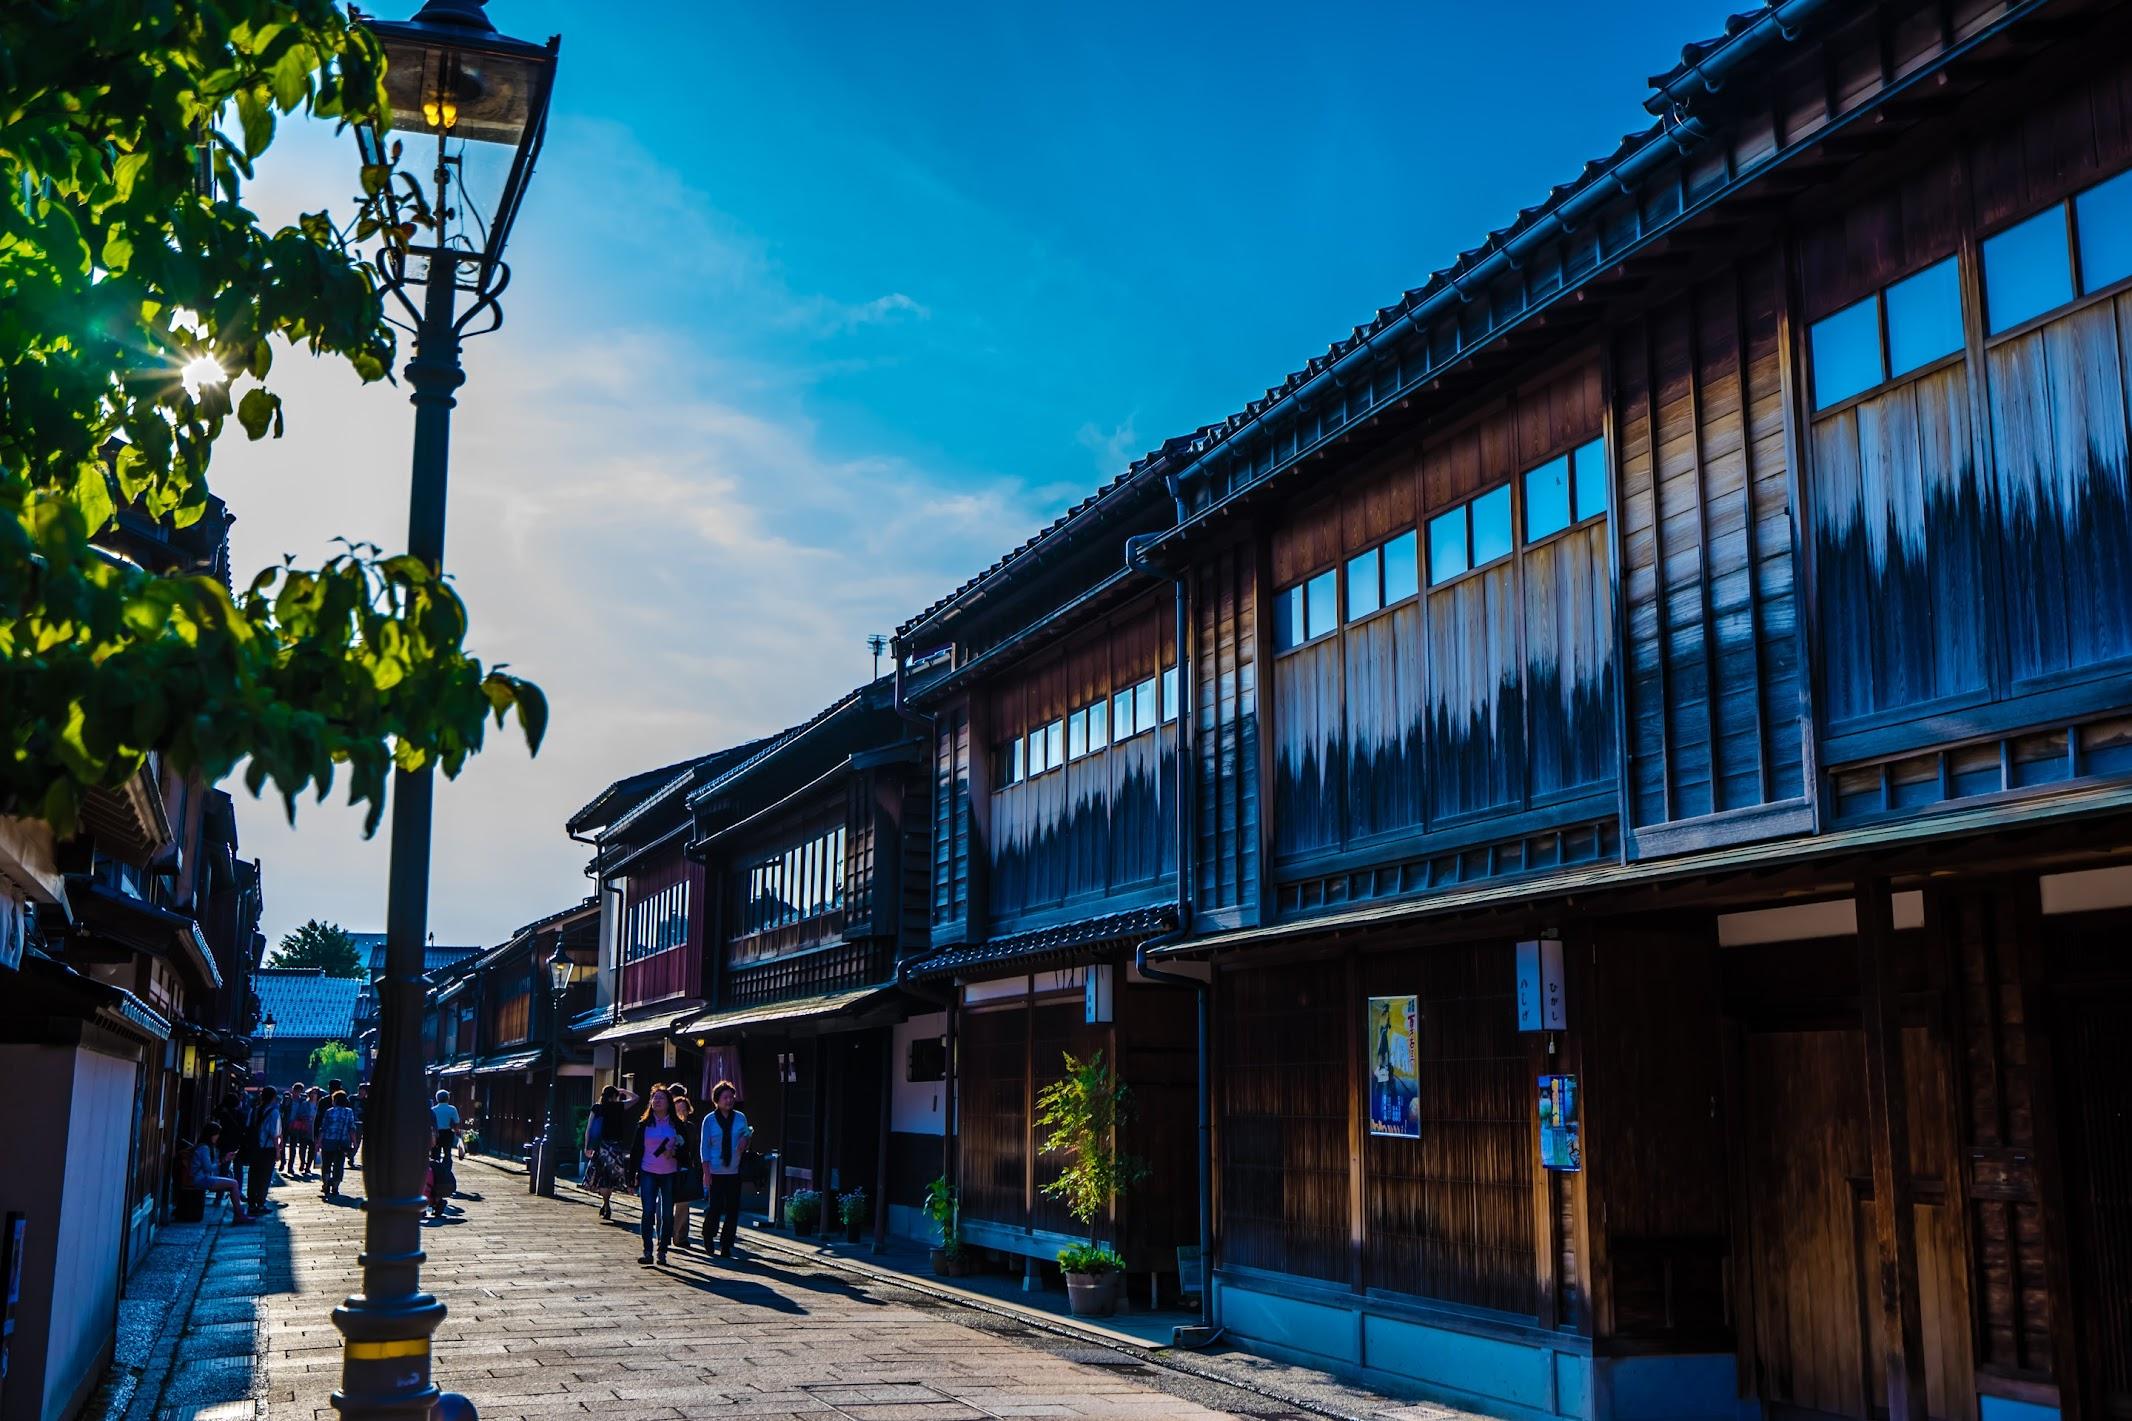 Kanazawa Higashi Chaya District4